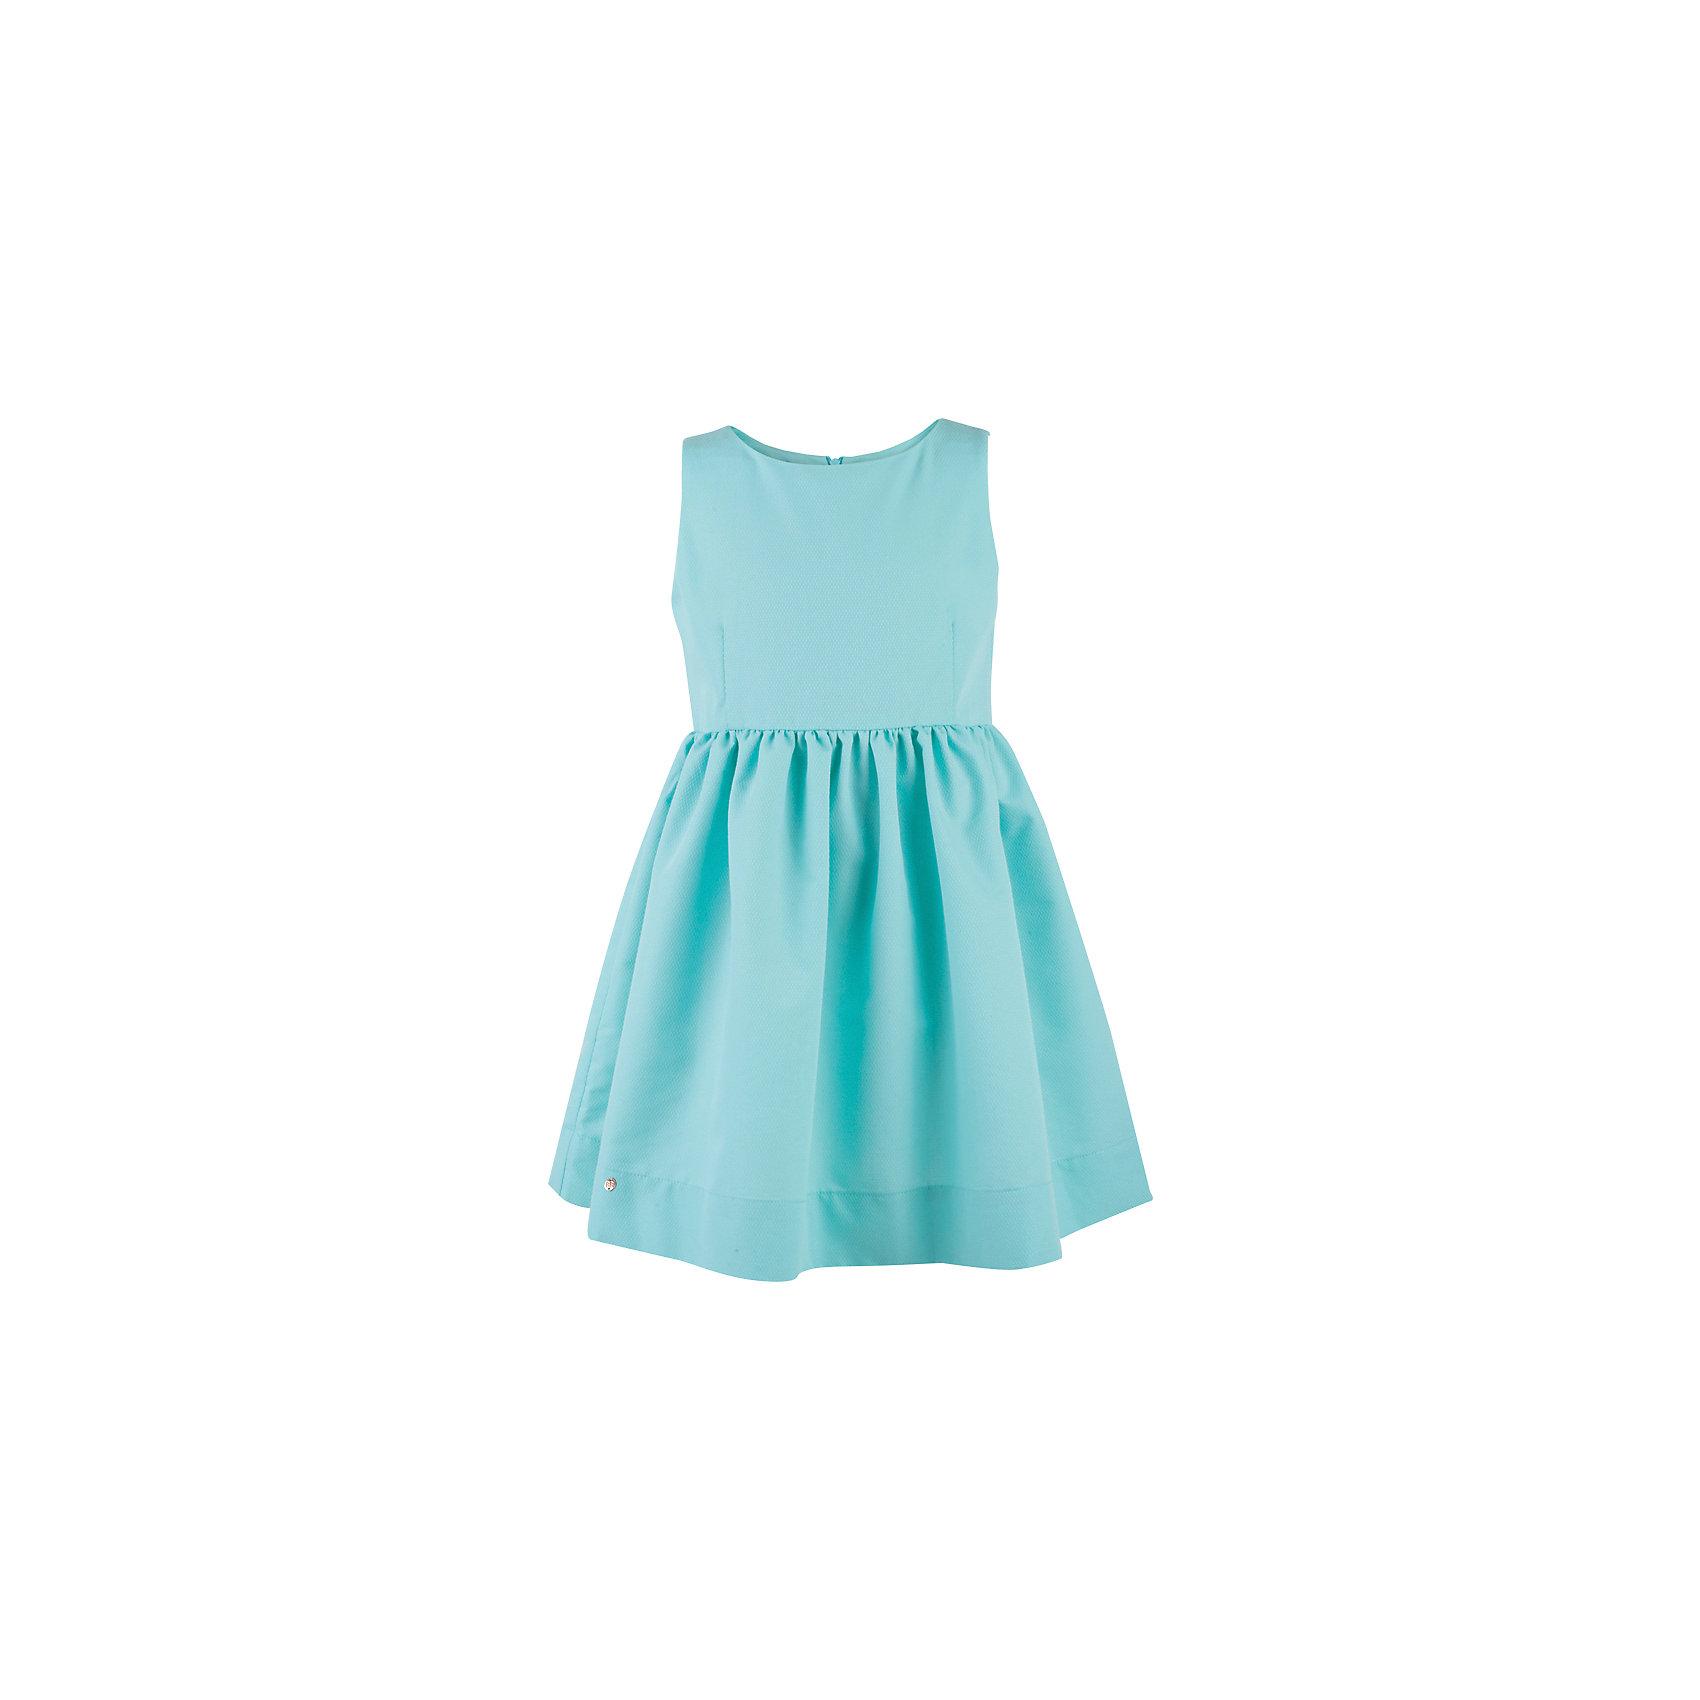 Платье для девочки  BUTTON BLUEПлатья и сарафаны<br>Платье для девочки  BUTTON BLUE<br>Прекрасный летний вариант - яркое текстильное платье на тонкой хлопковой подкладке. Модный силуэт, комфортная форма делают платье для девочки отличным решением для каждого дня лета. Если вы хотите приобрести одновременно и красивую, и практичную, и удобную вещь, вам стоит купить детское платье от Button Blue. Низкая цена не окажет влияния на бюджет семьи, позволив создать интересный базовый гардероб для долгожданных каникул!<br>Состав:<br>Ткань  верха: 55%хлопок 45%polyester подклад: 100% хлопок<br><br>Ширина мм: 236<br>Глубина мм: 16<br>Высота мм: 184<br>Вес г: 177<br>Цвет: зеленый<br>Возраст от месяцев: 48<br>Возраст до месяцев: 60<br>Пол: Женский<br>Возраст: Детский<br>Размер: 110,116,122,128,134,140,146,152,158,98,104<br>SKU: 5523319